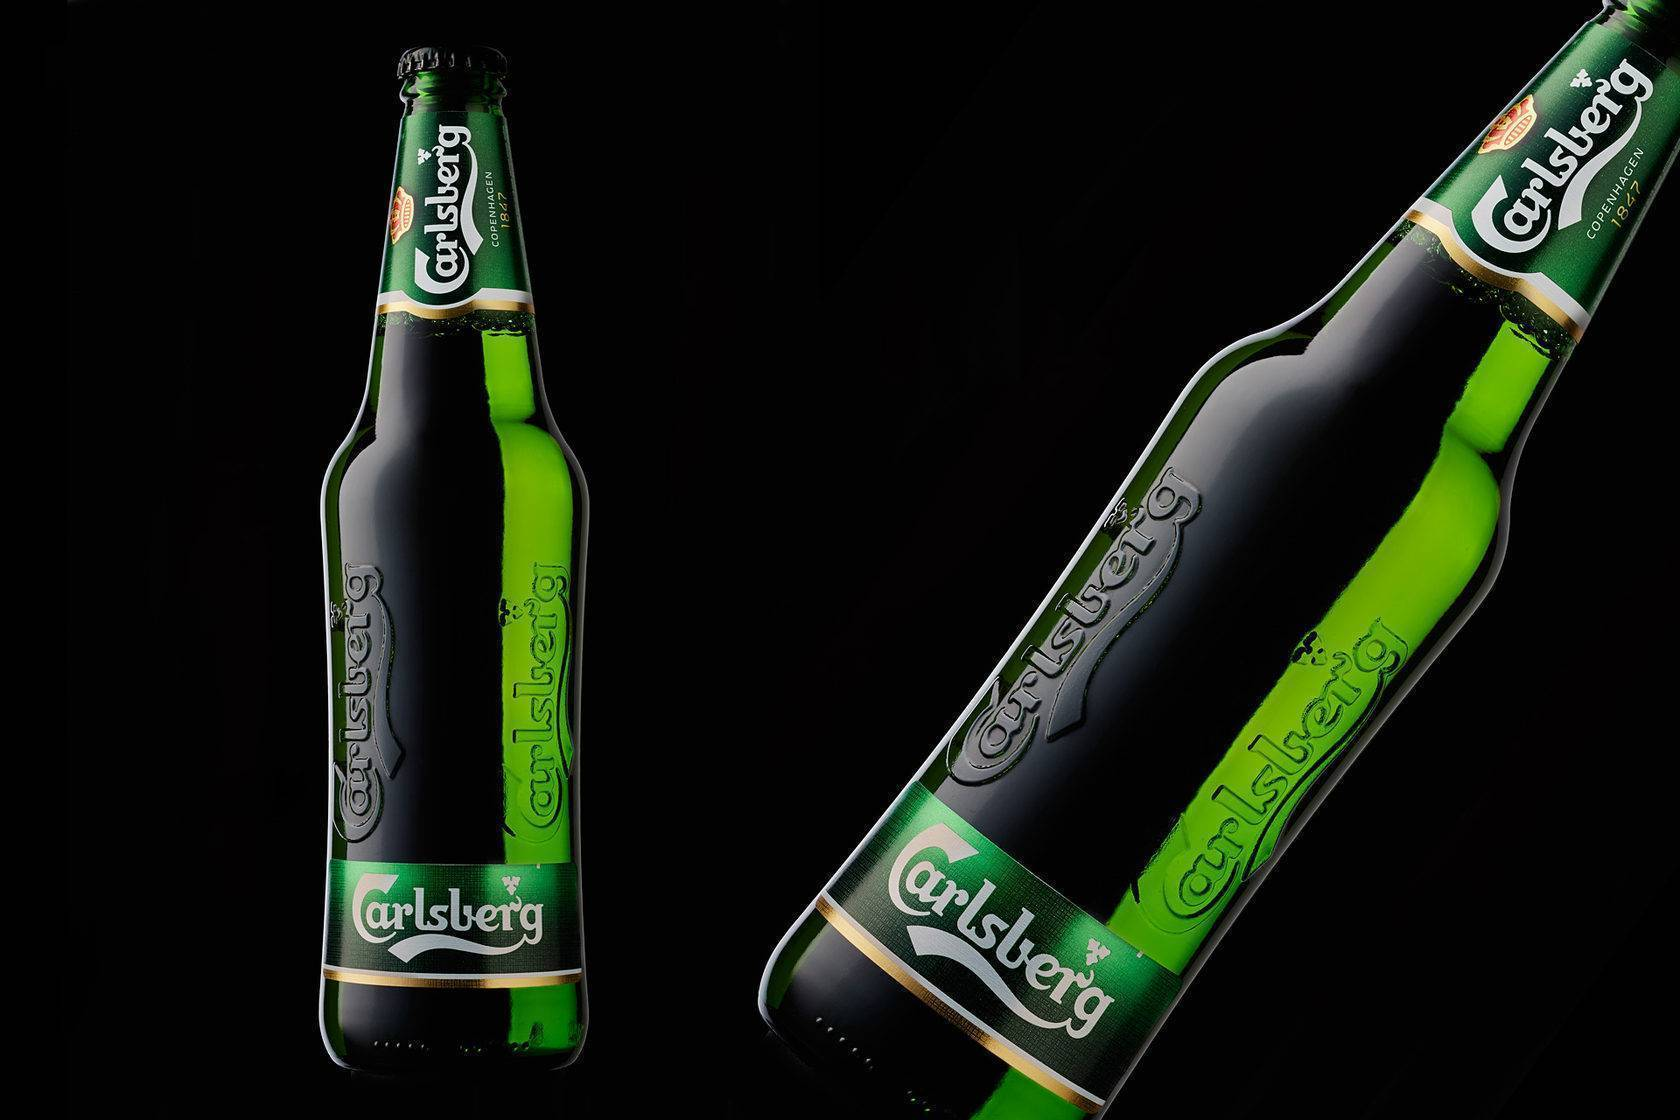 Carlsberg и tuborg: короли датского пивоварения | beercomments carlsberg и tuborg: короли датского пивоварения | beercomments